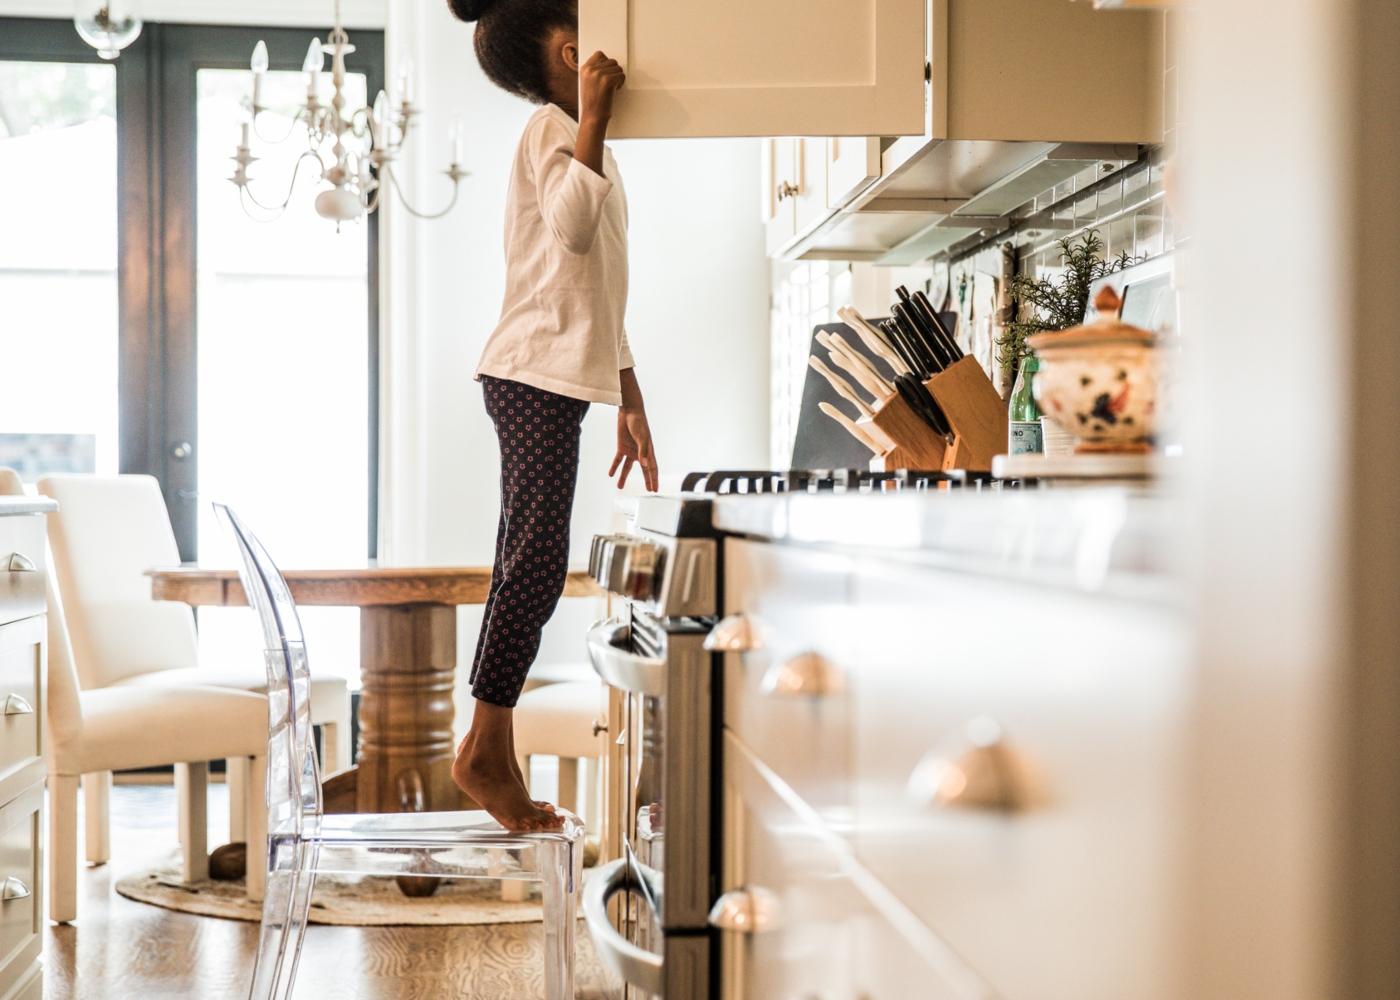 cuidados alimentares com as crianças: menina à procura de bolachas nos armários da cozinha